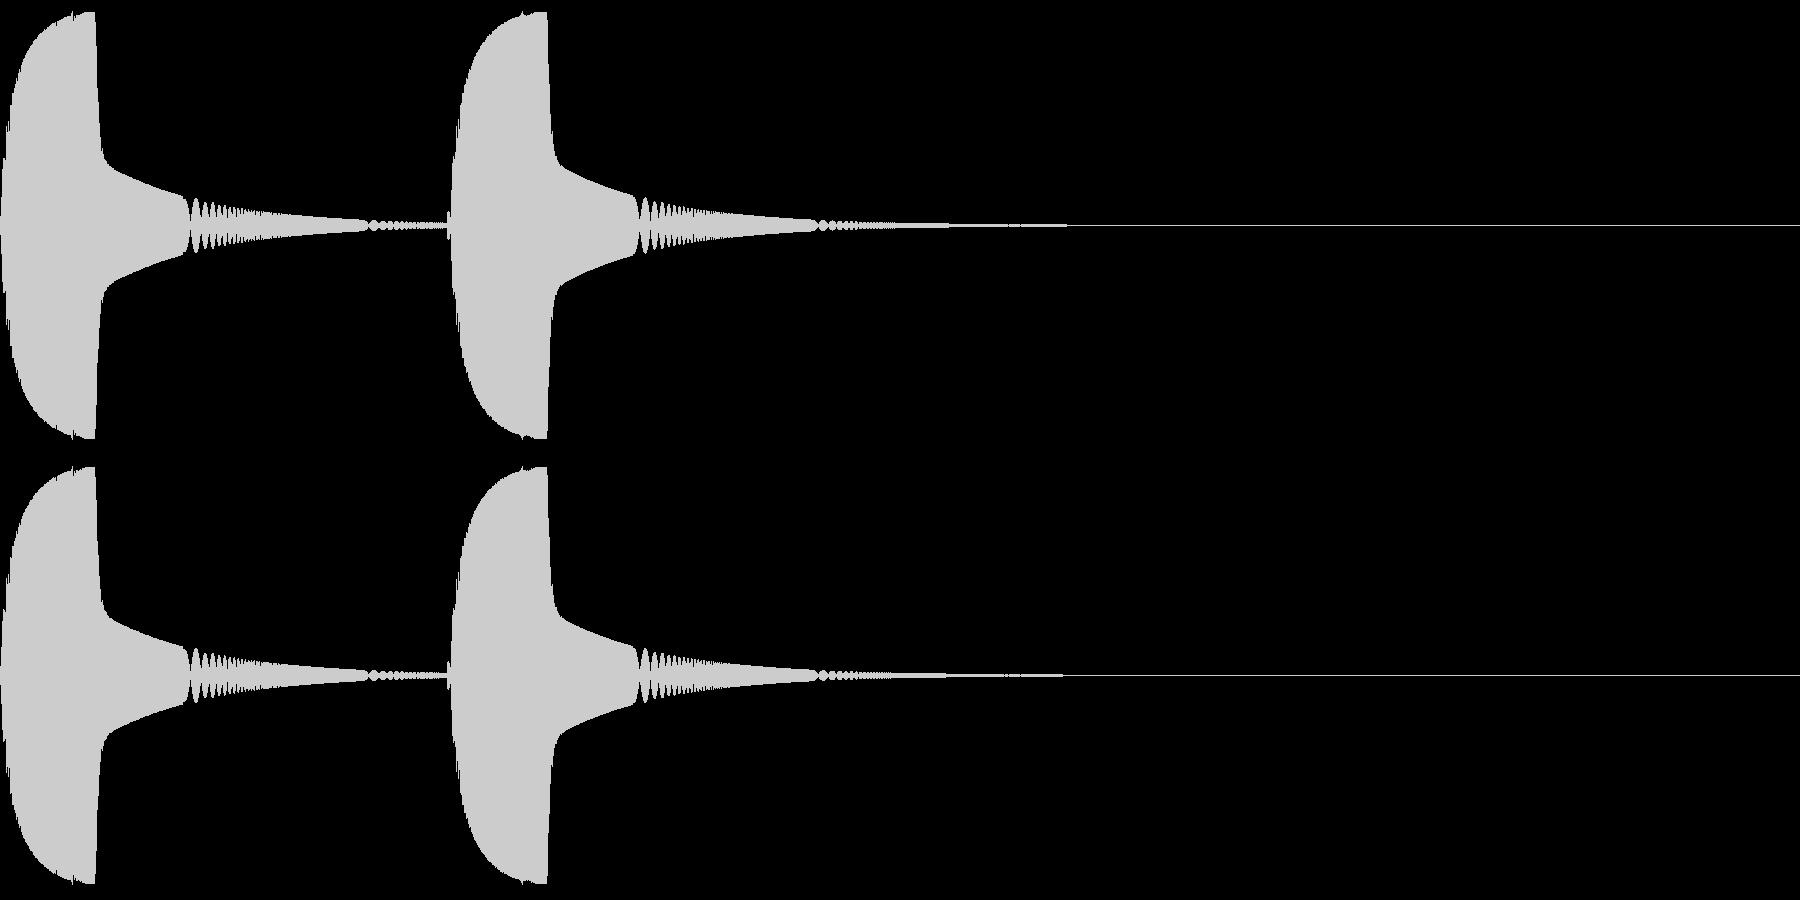 ツンツンと柔らかい物をつつく01の未再生の波形